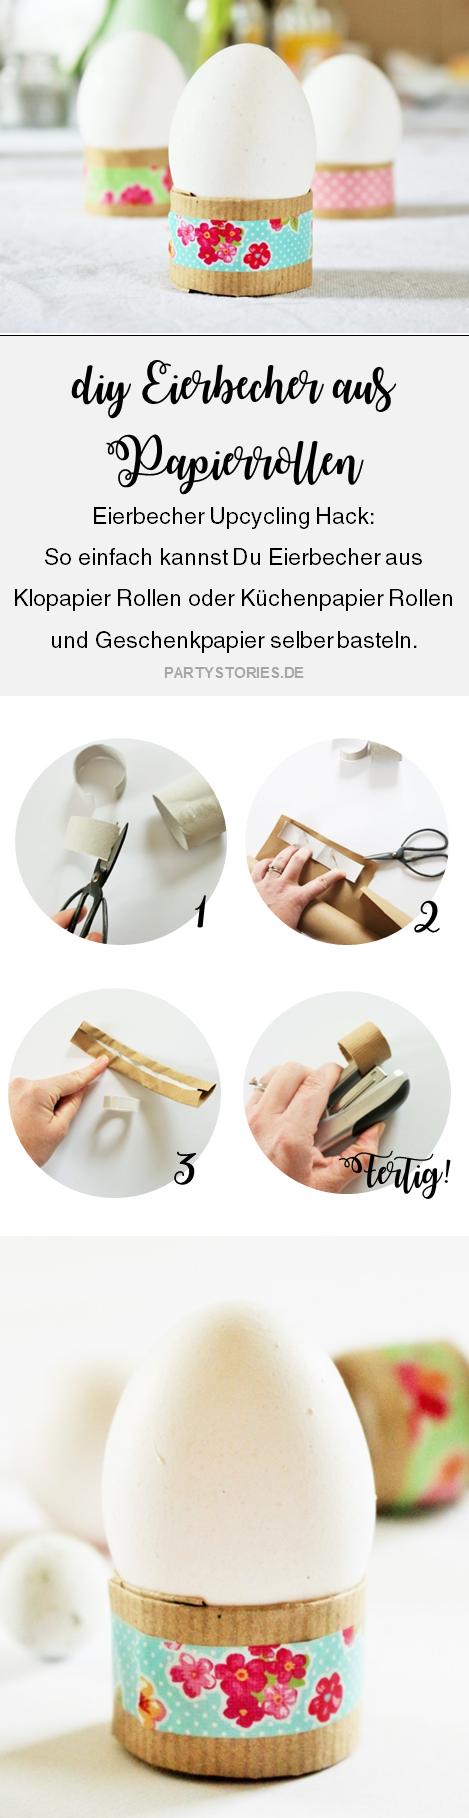 Bild: DIY Eierbecher Upcycling Idee - mit Klopapier Rolle oder Küchenpapier Rolle und Washitape ganz einfach Eierbecher als Tischdeko, für Ostern oder den Brunch selber basteln; gefunden auf www.partystories.de